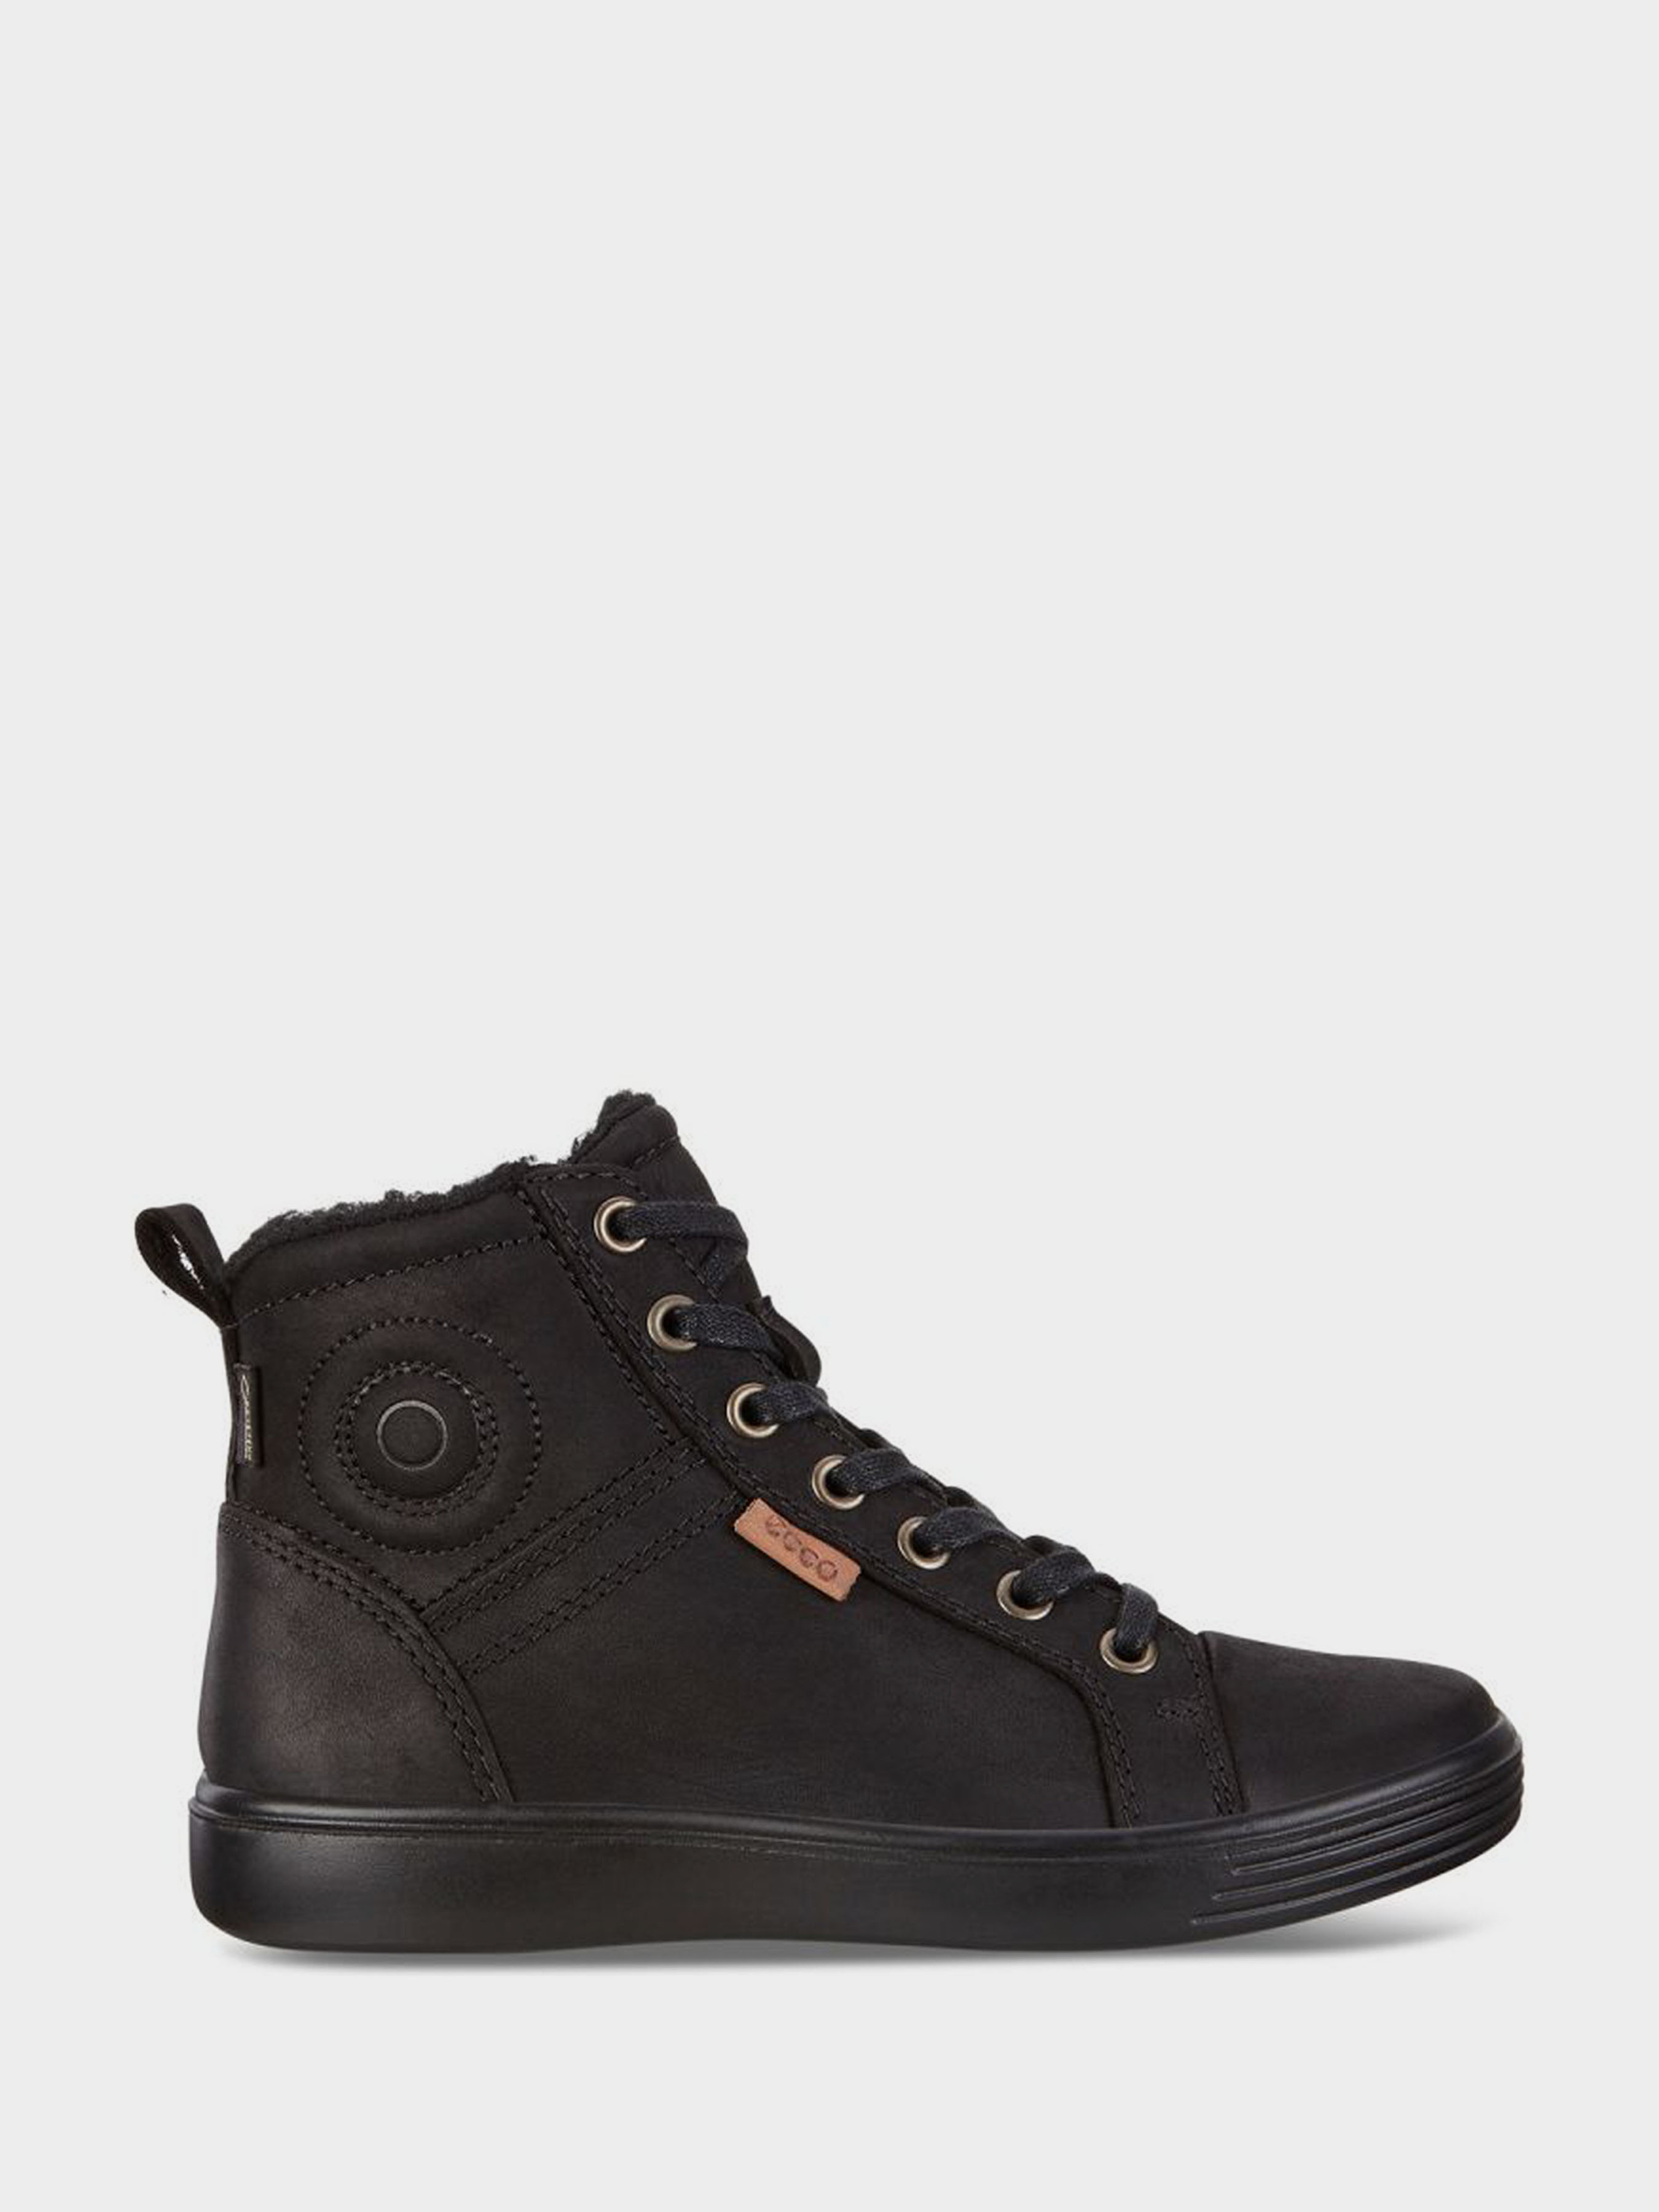 Купить Ботинки детские ECCO S7 TEEN ZK3302, Черный